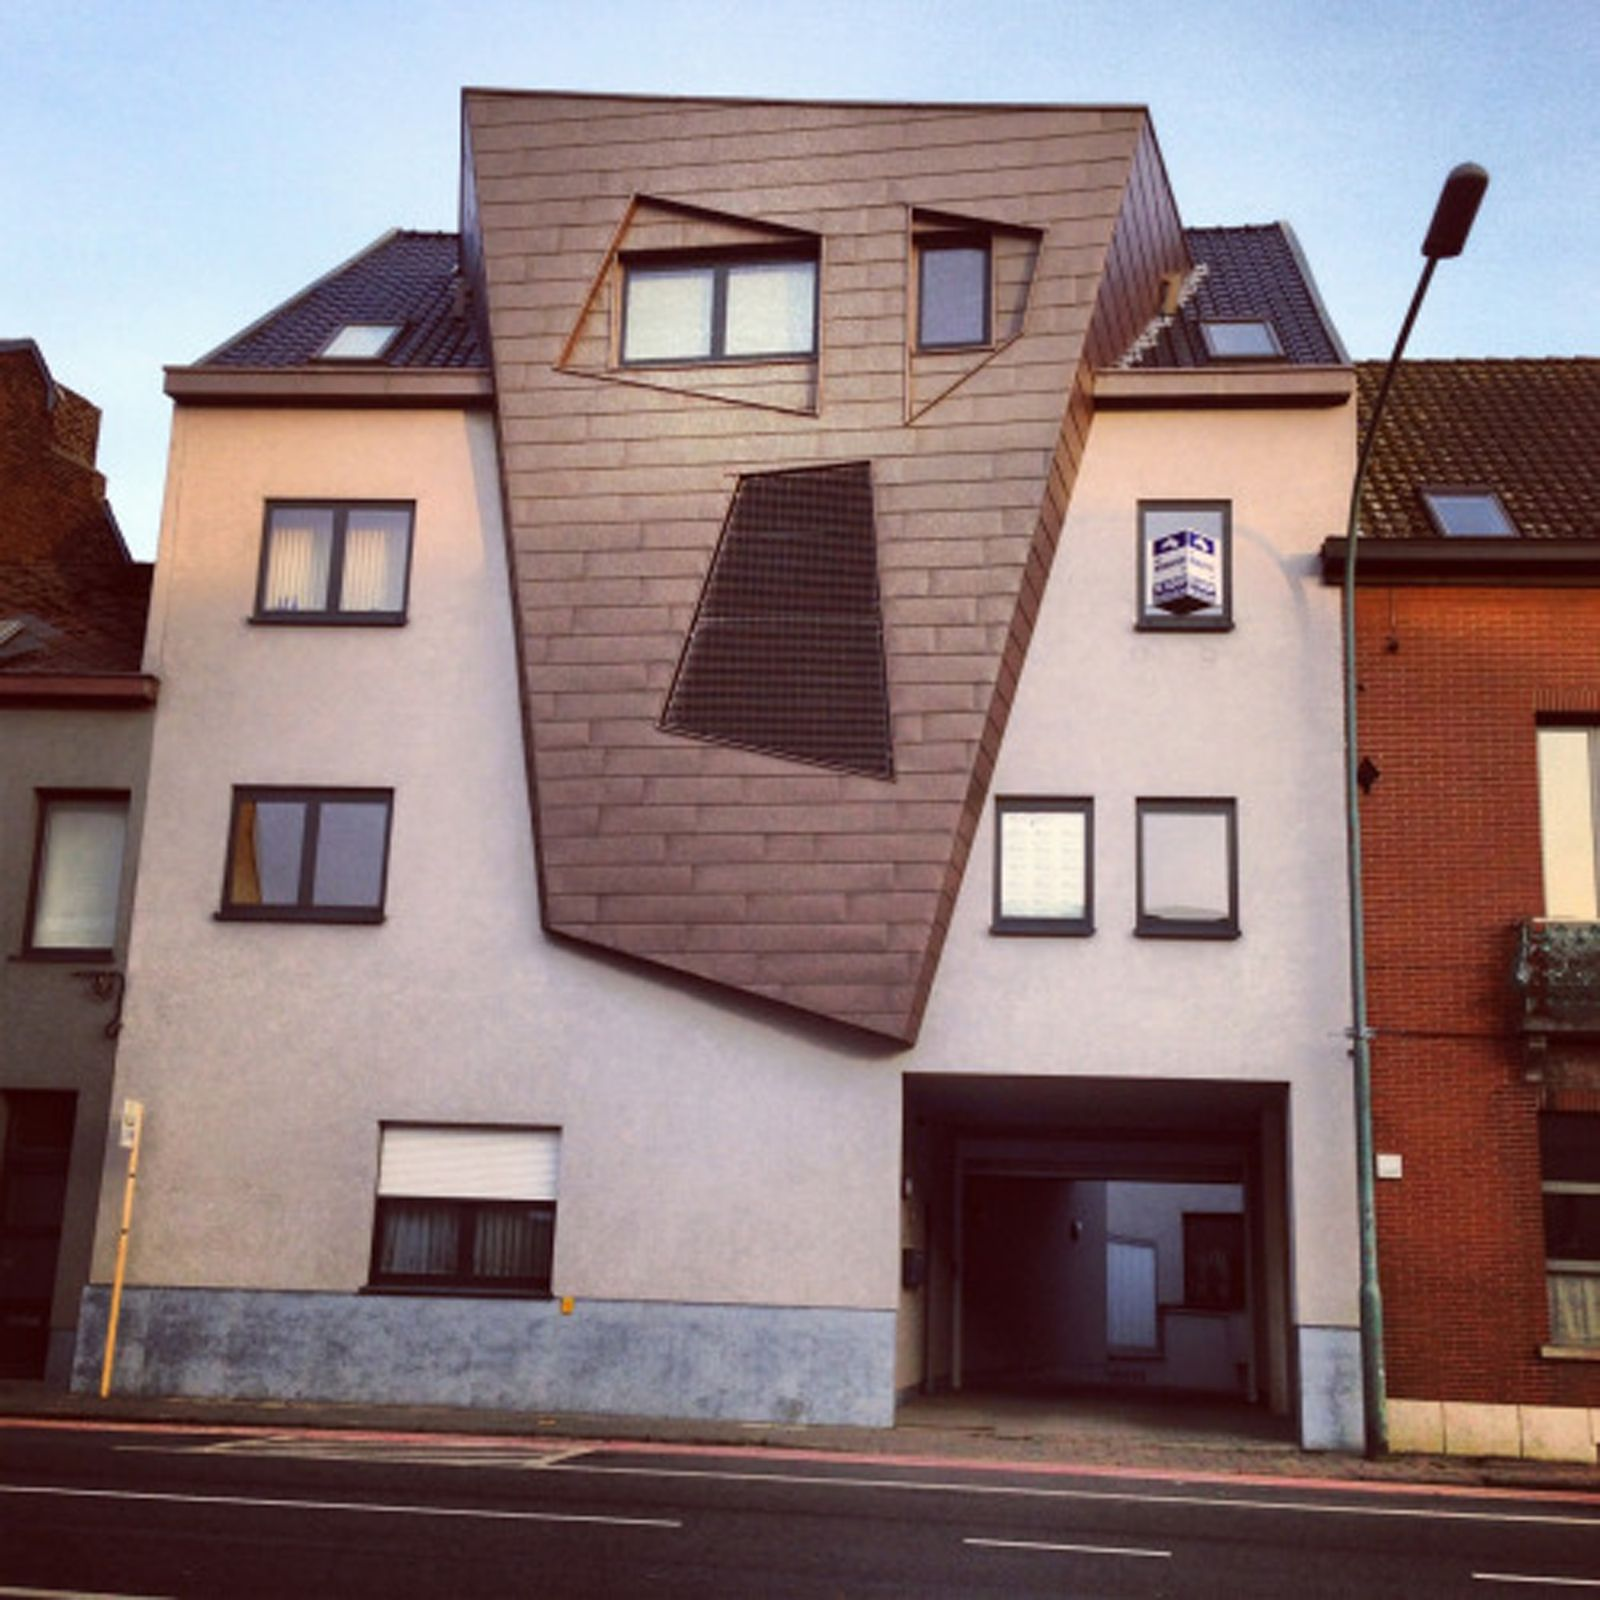 Bad Architecture Mala Arquitectura Architecture Artist House Unusual Homes